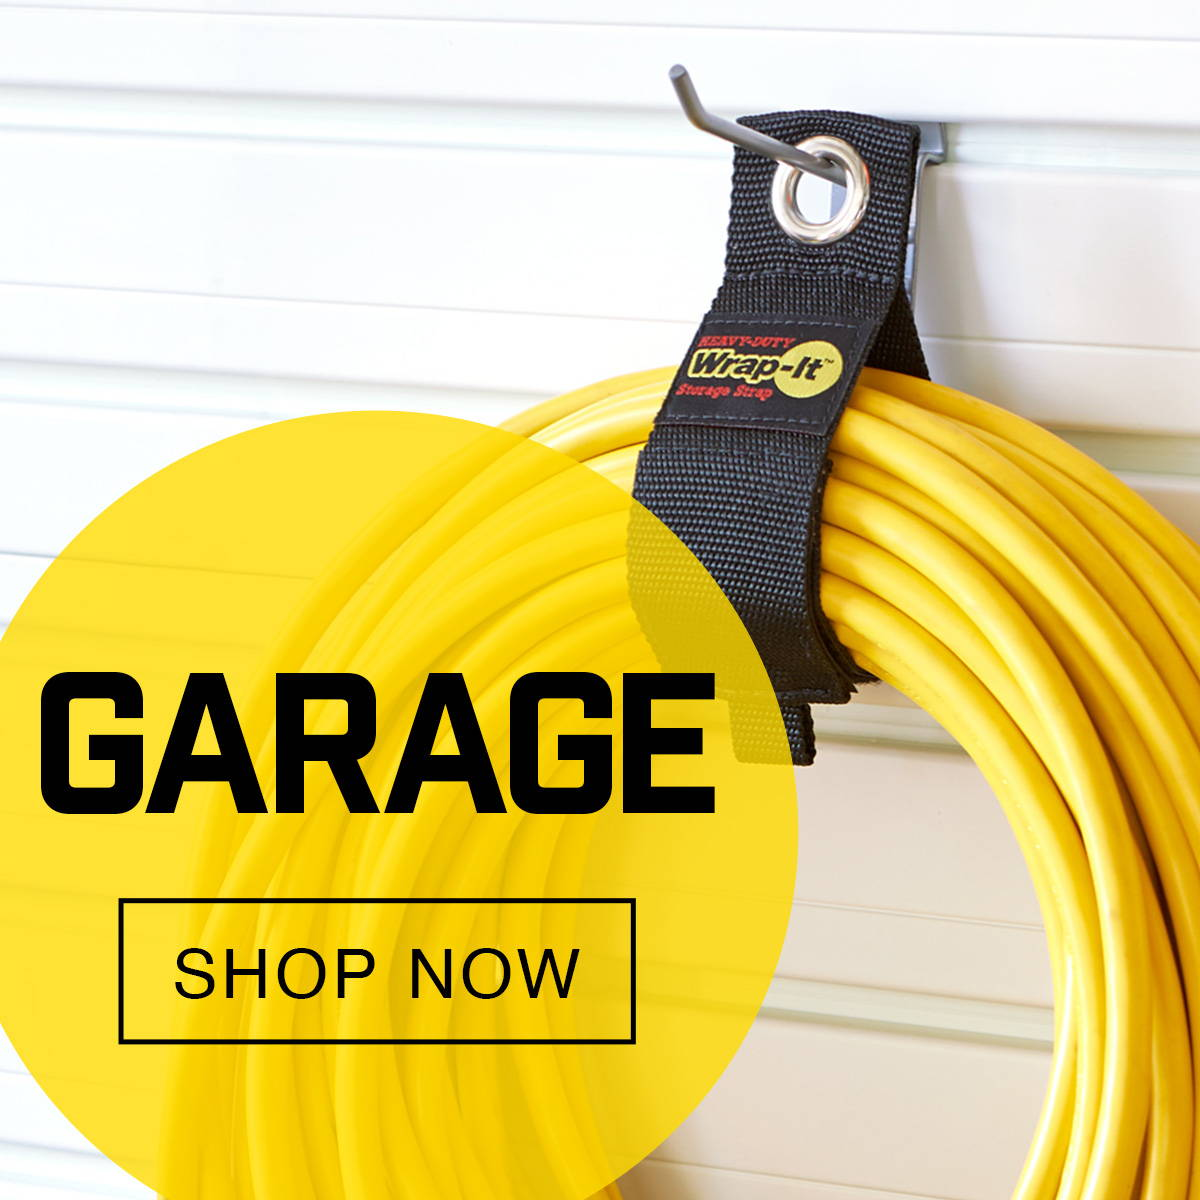 https://wrapitstorage.com/collections/garage-organization